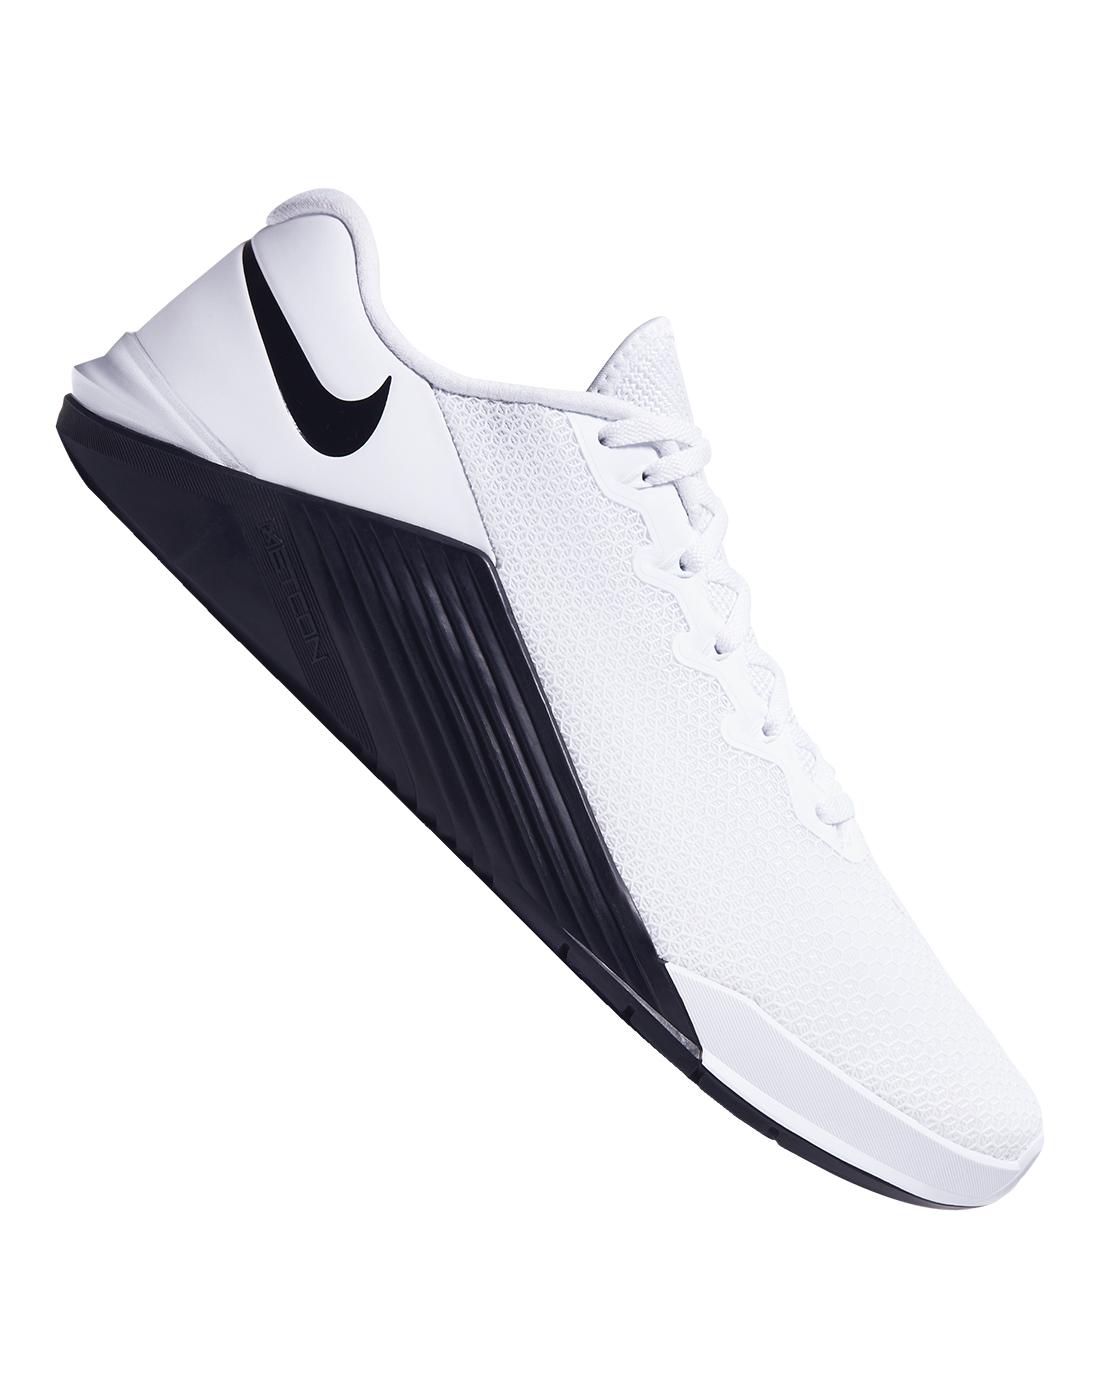 Nike Mens Metcon 5 - White | Life Style